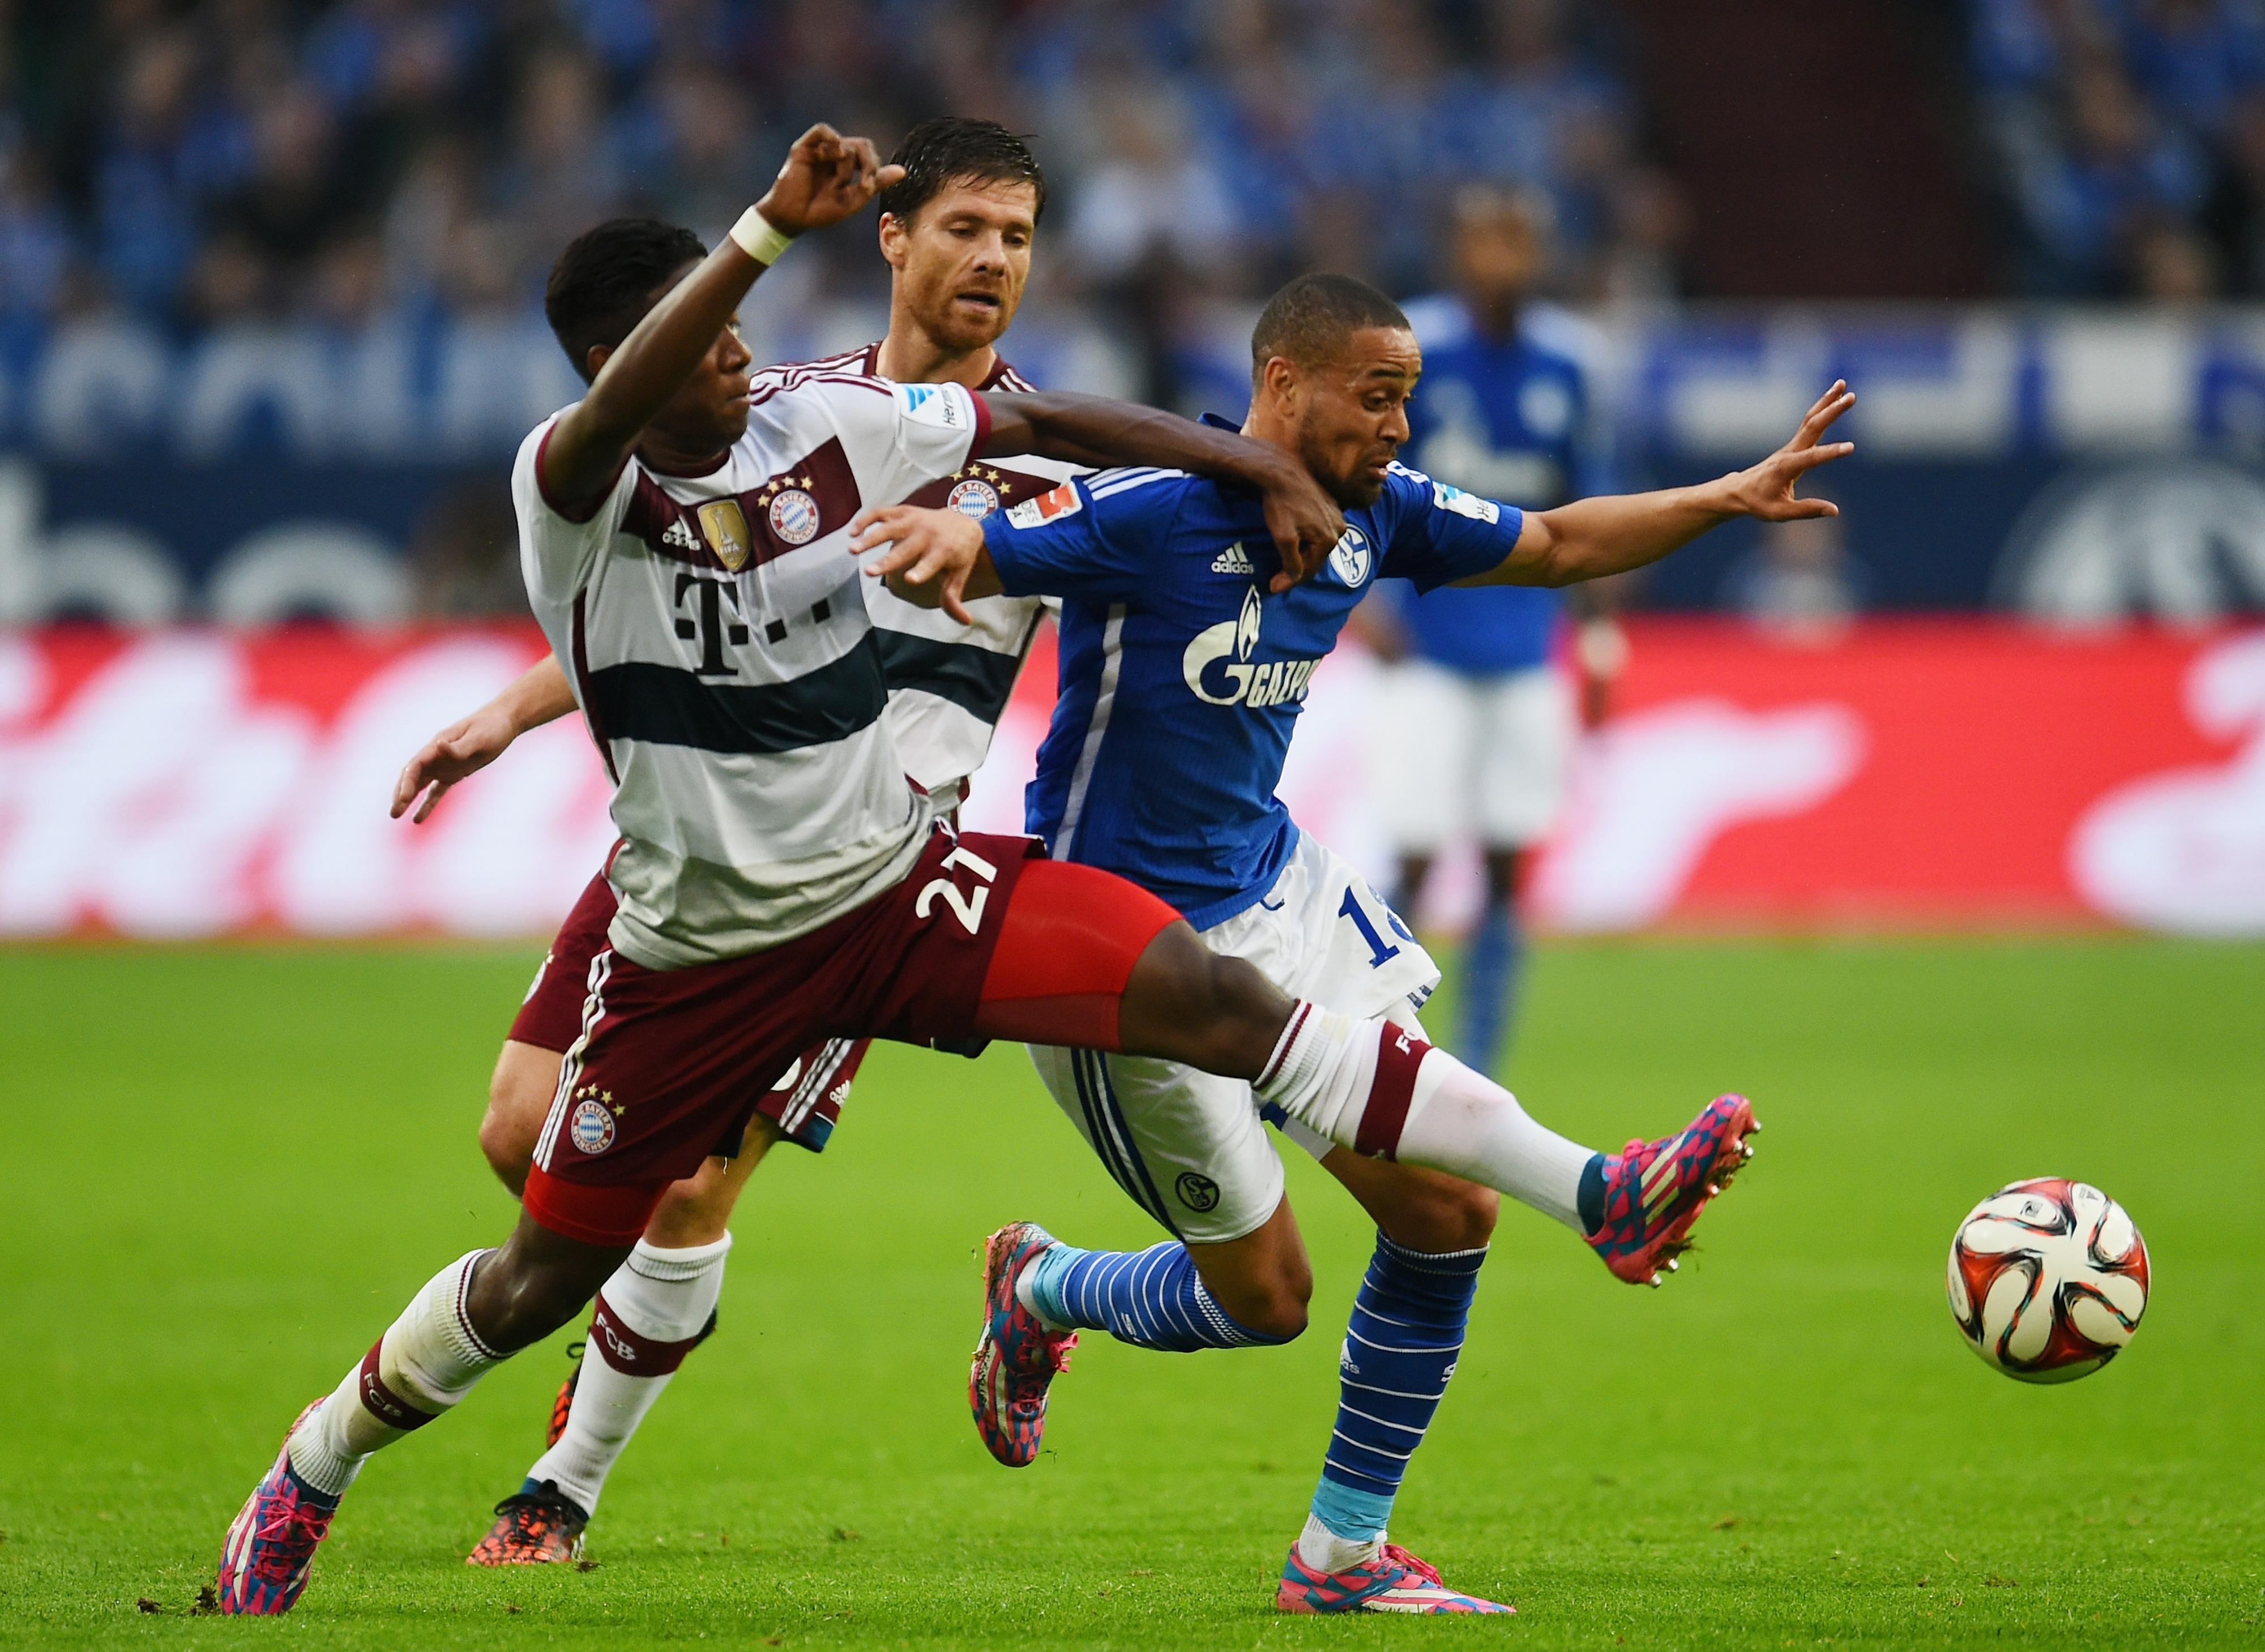 Bundesliga, Week 2: Schalke steal a point from Bayern Munich